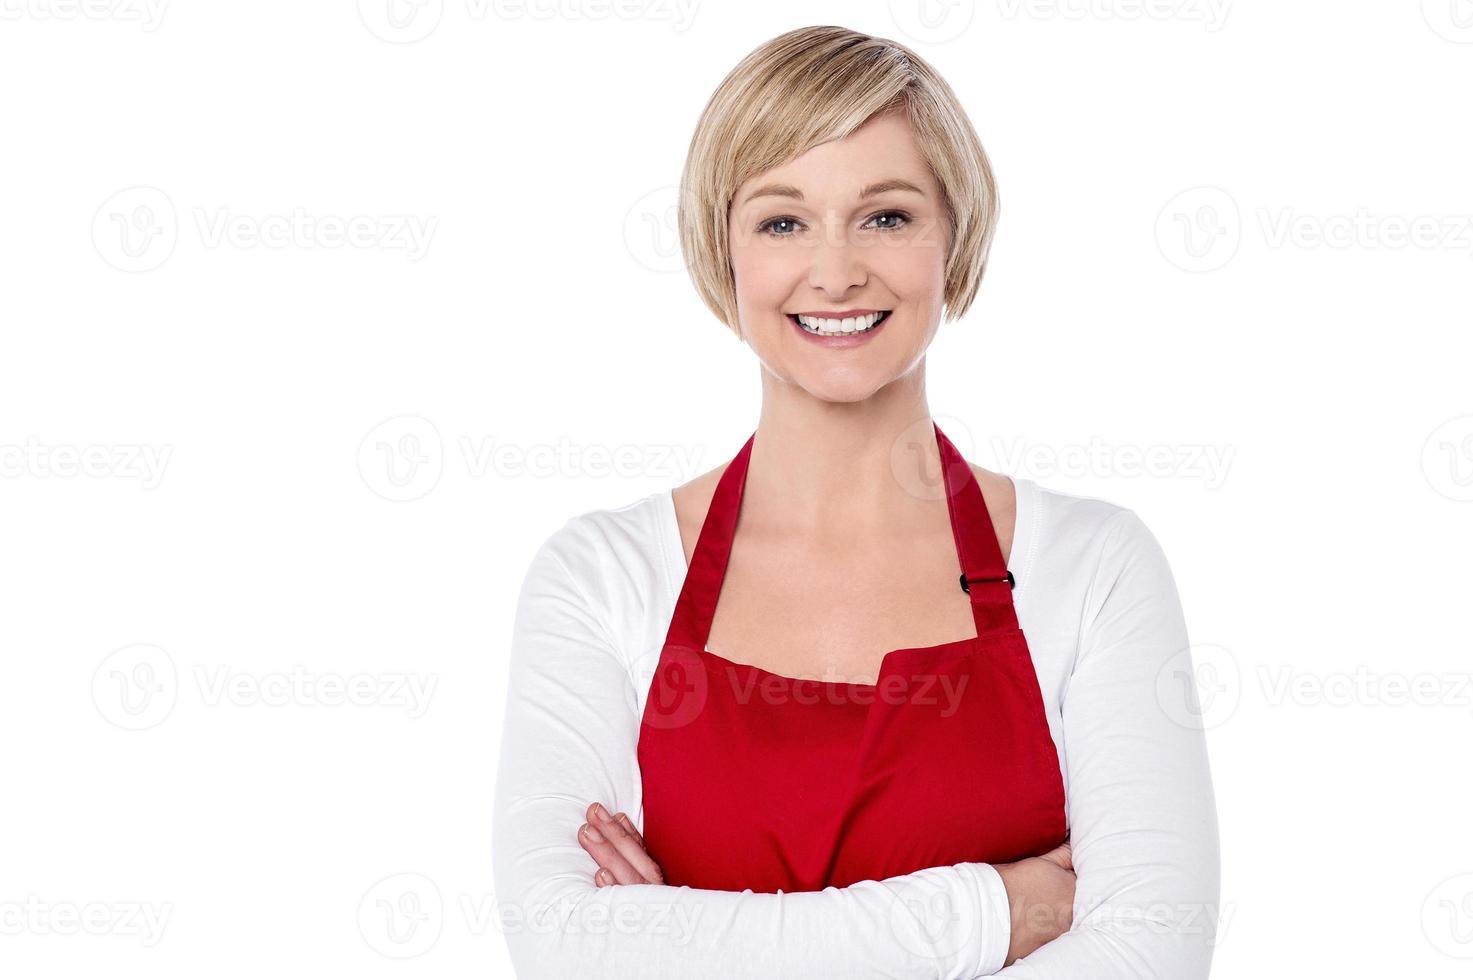 Soy el nuevo chef aquí. foto